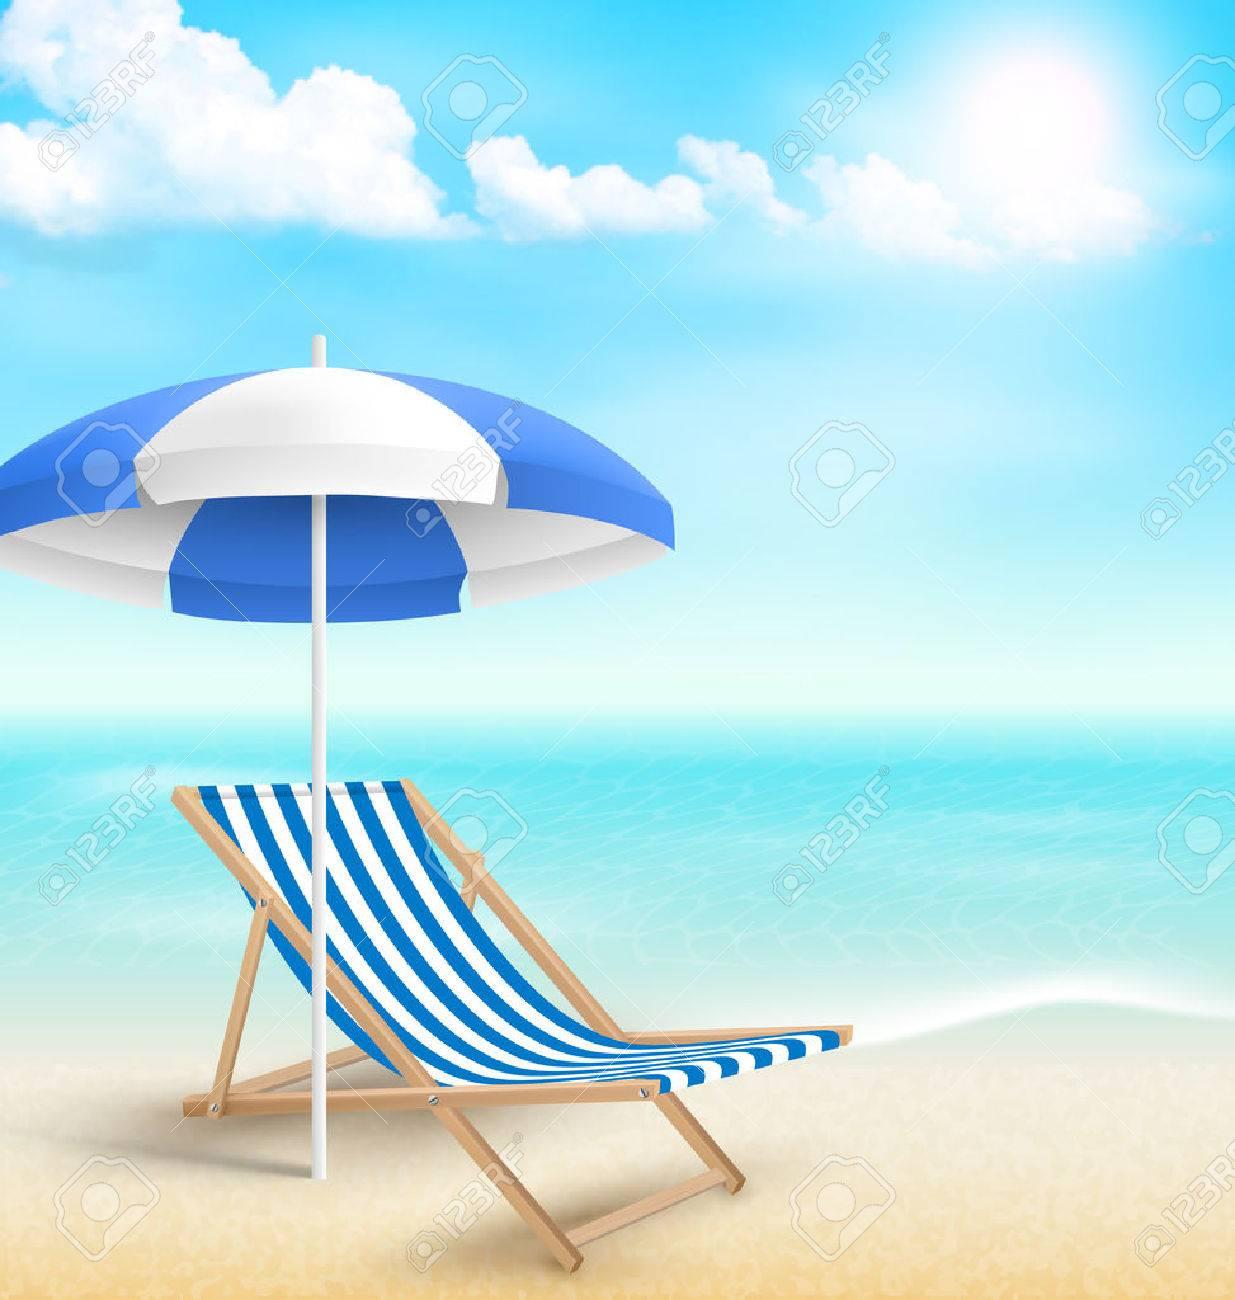 plage avec parasol sur la plage chaise de plage et les nuages les vacances d ete fond